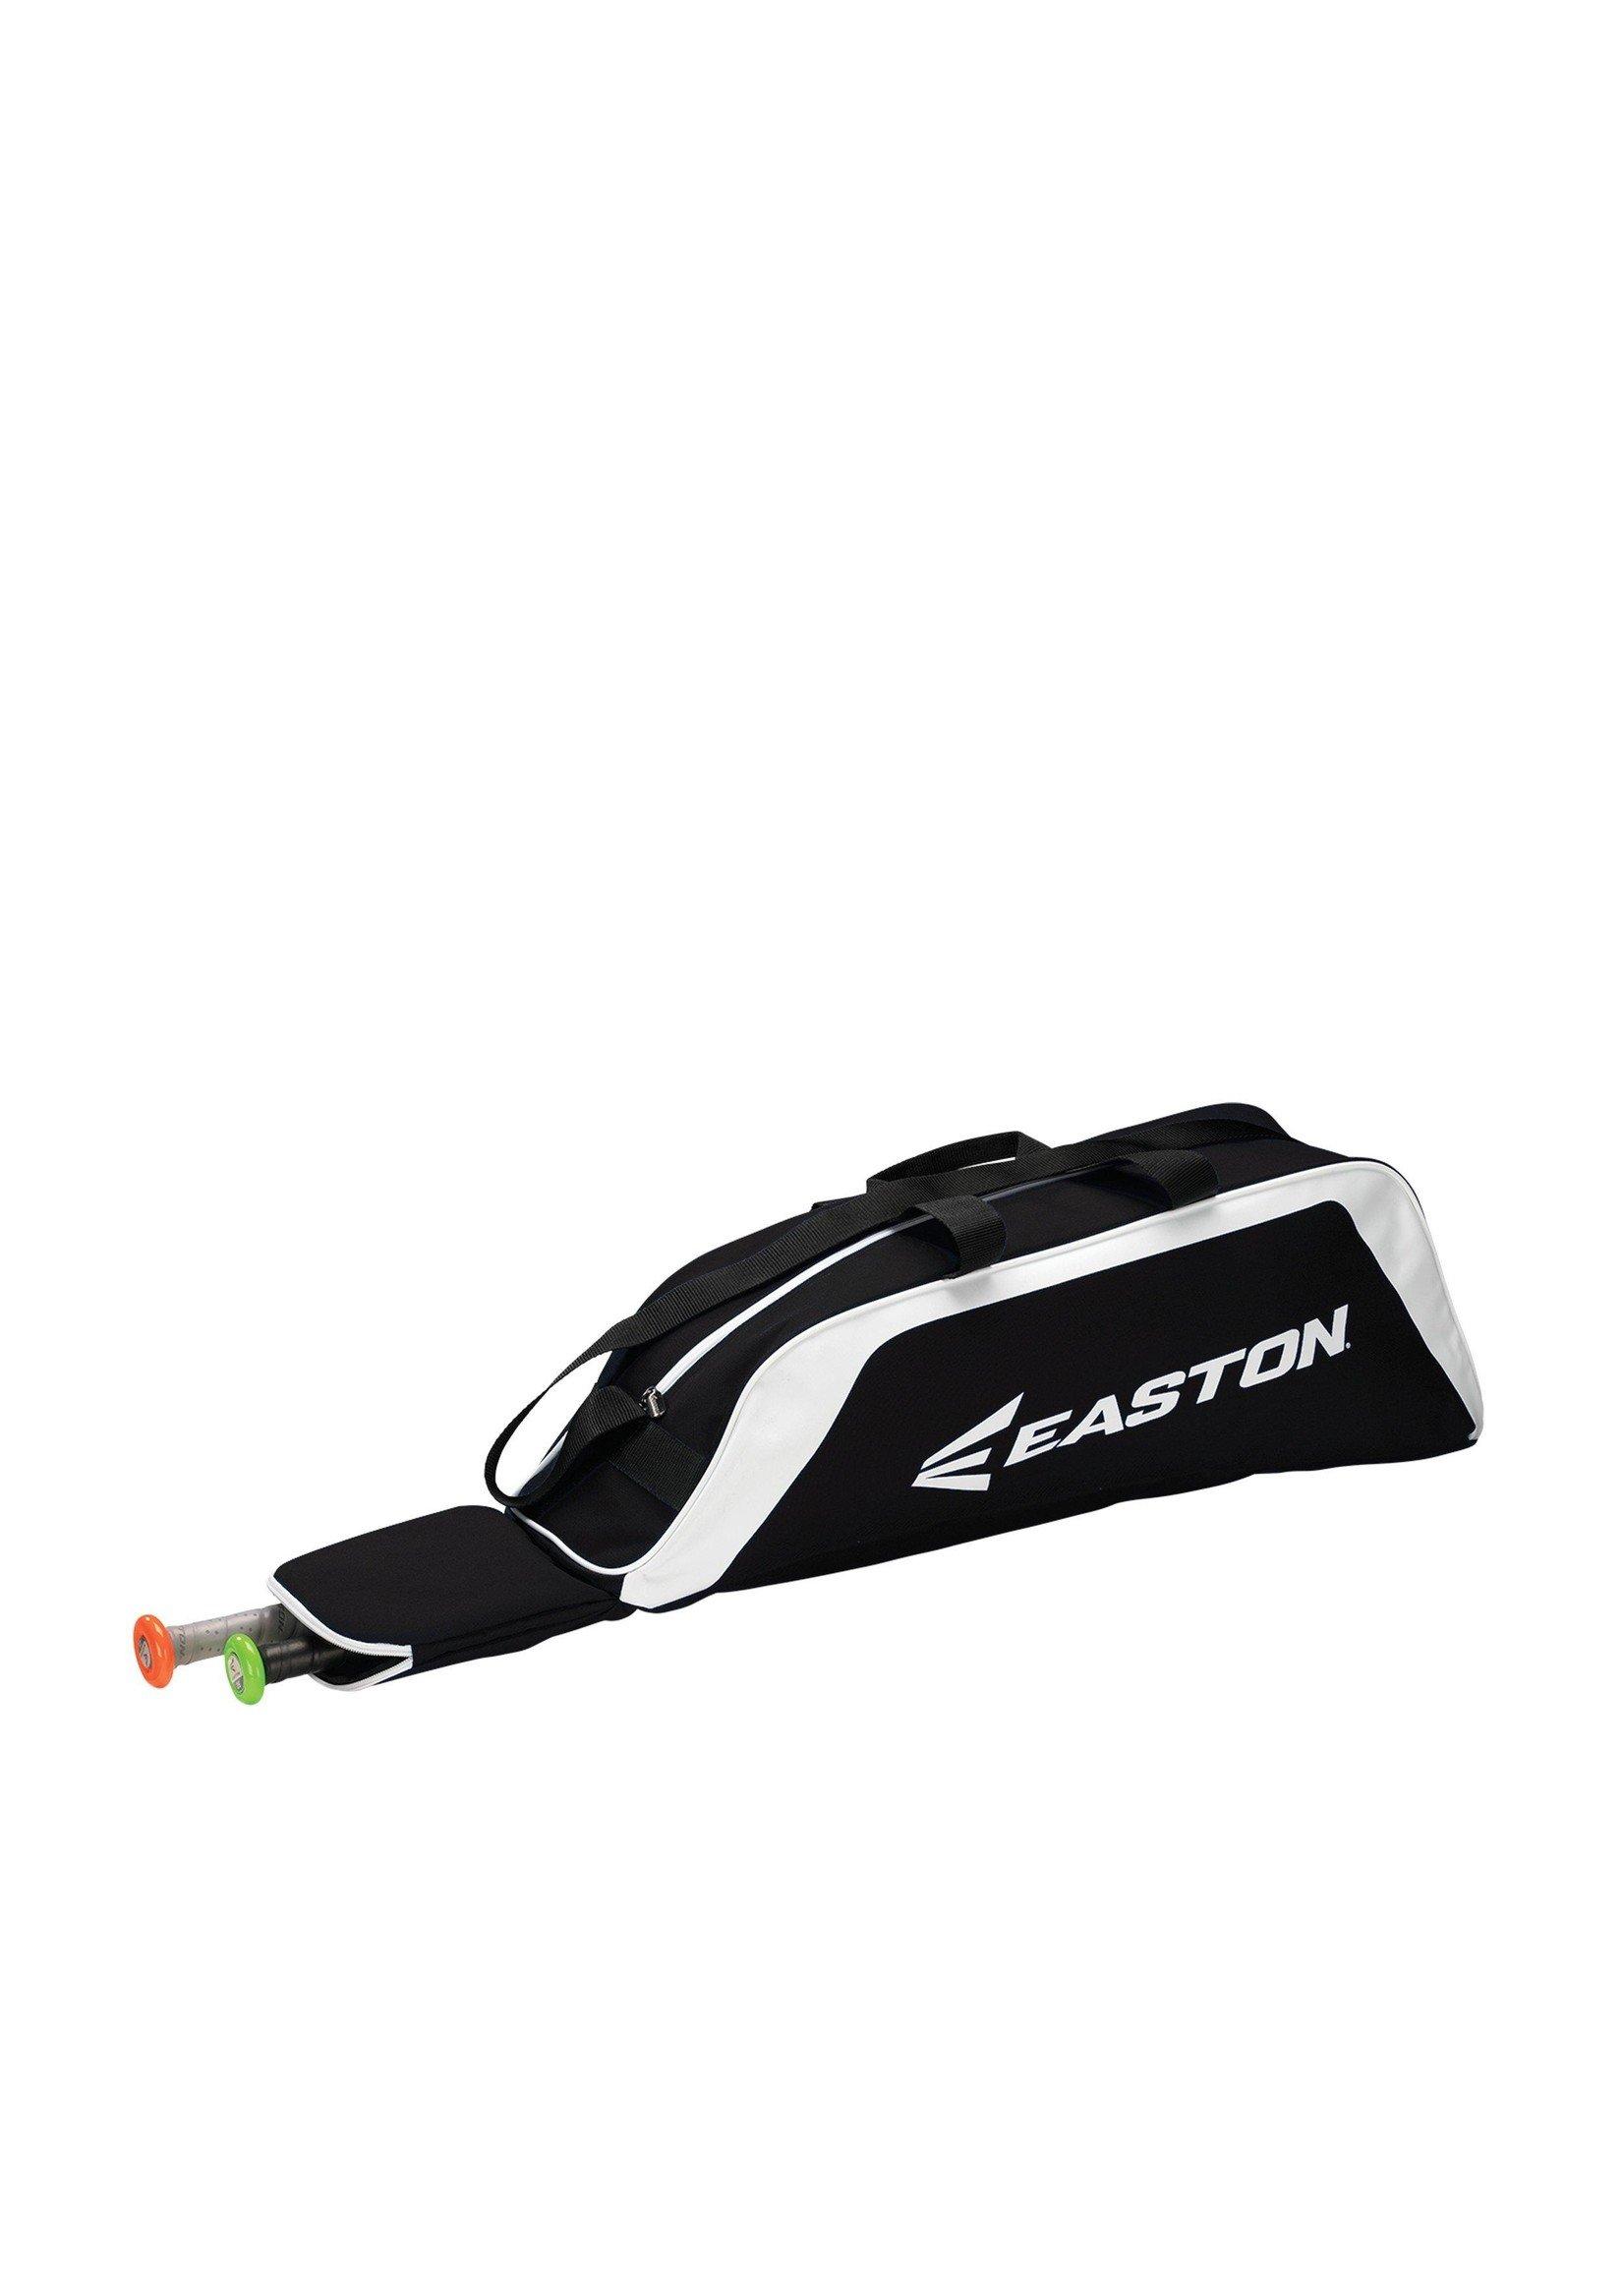 Easton Baseball (Canada) EASTON E100T SAC